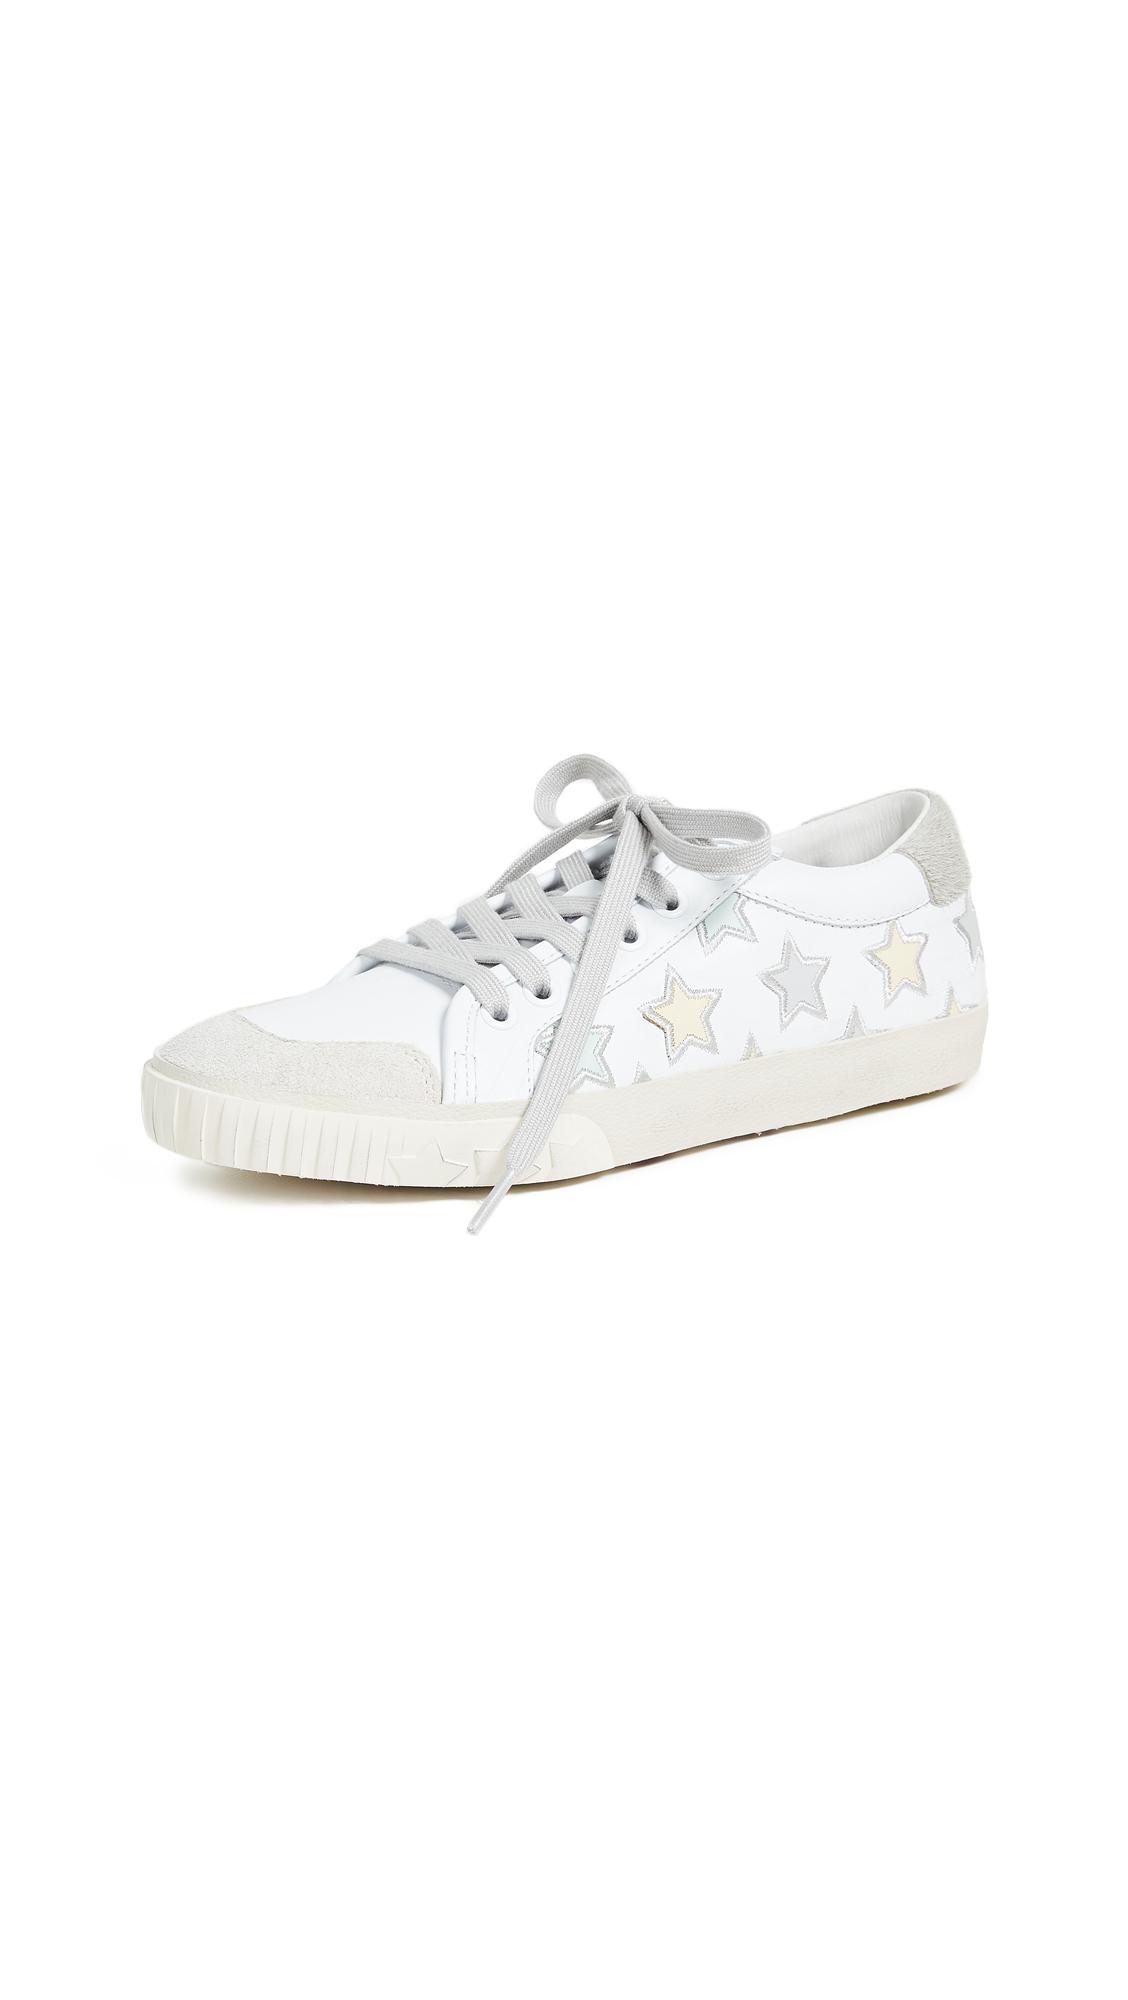 Ash Majestic Sneakers - Off White/White/Liquid Pearl